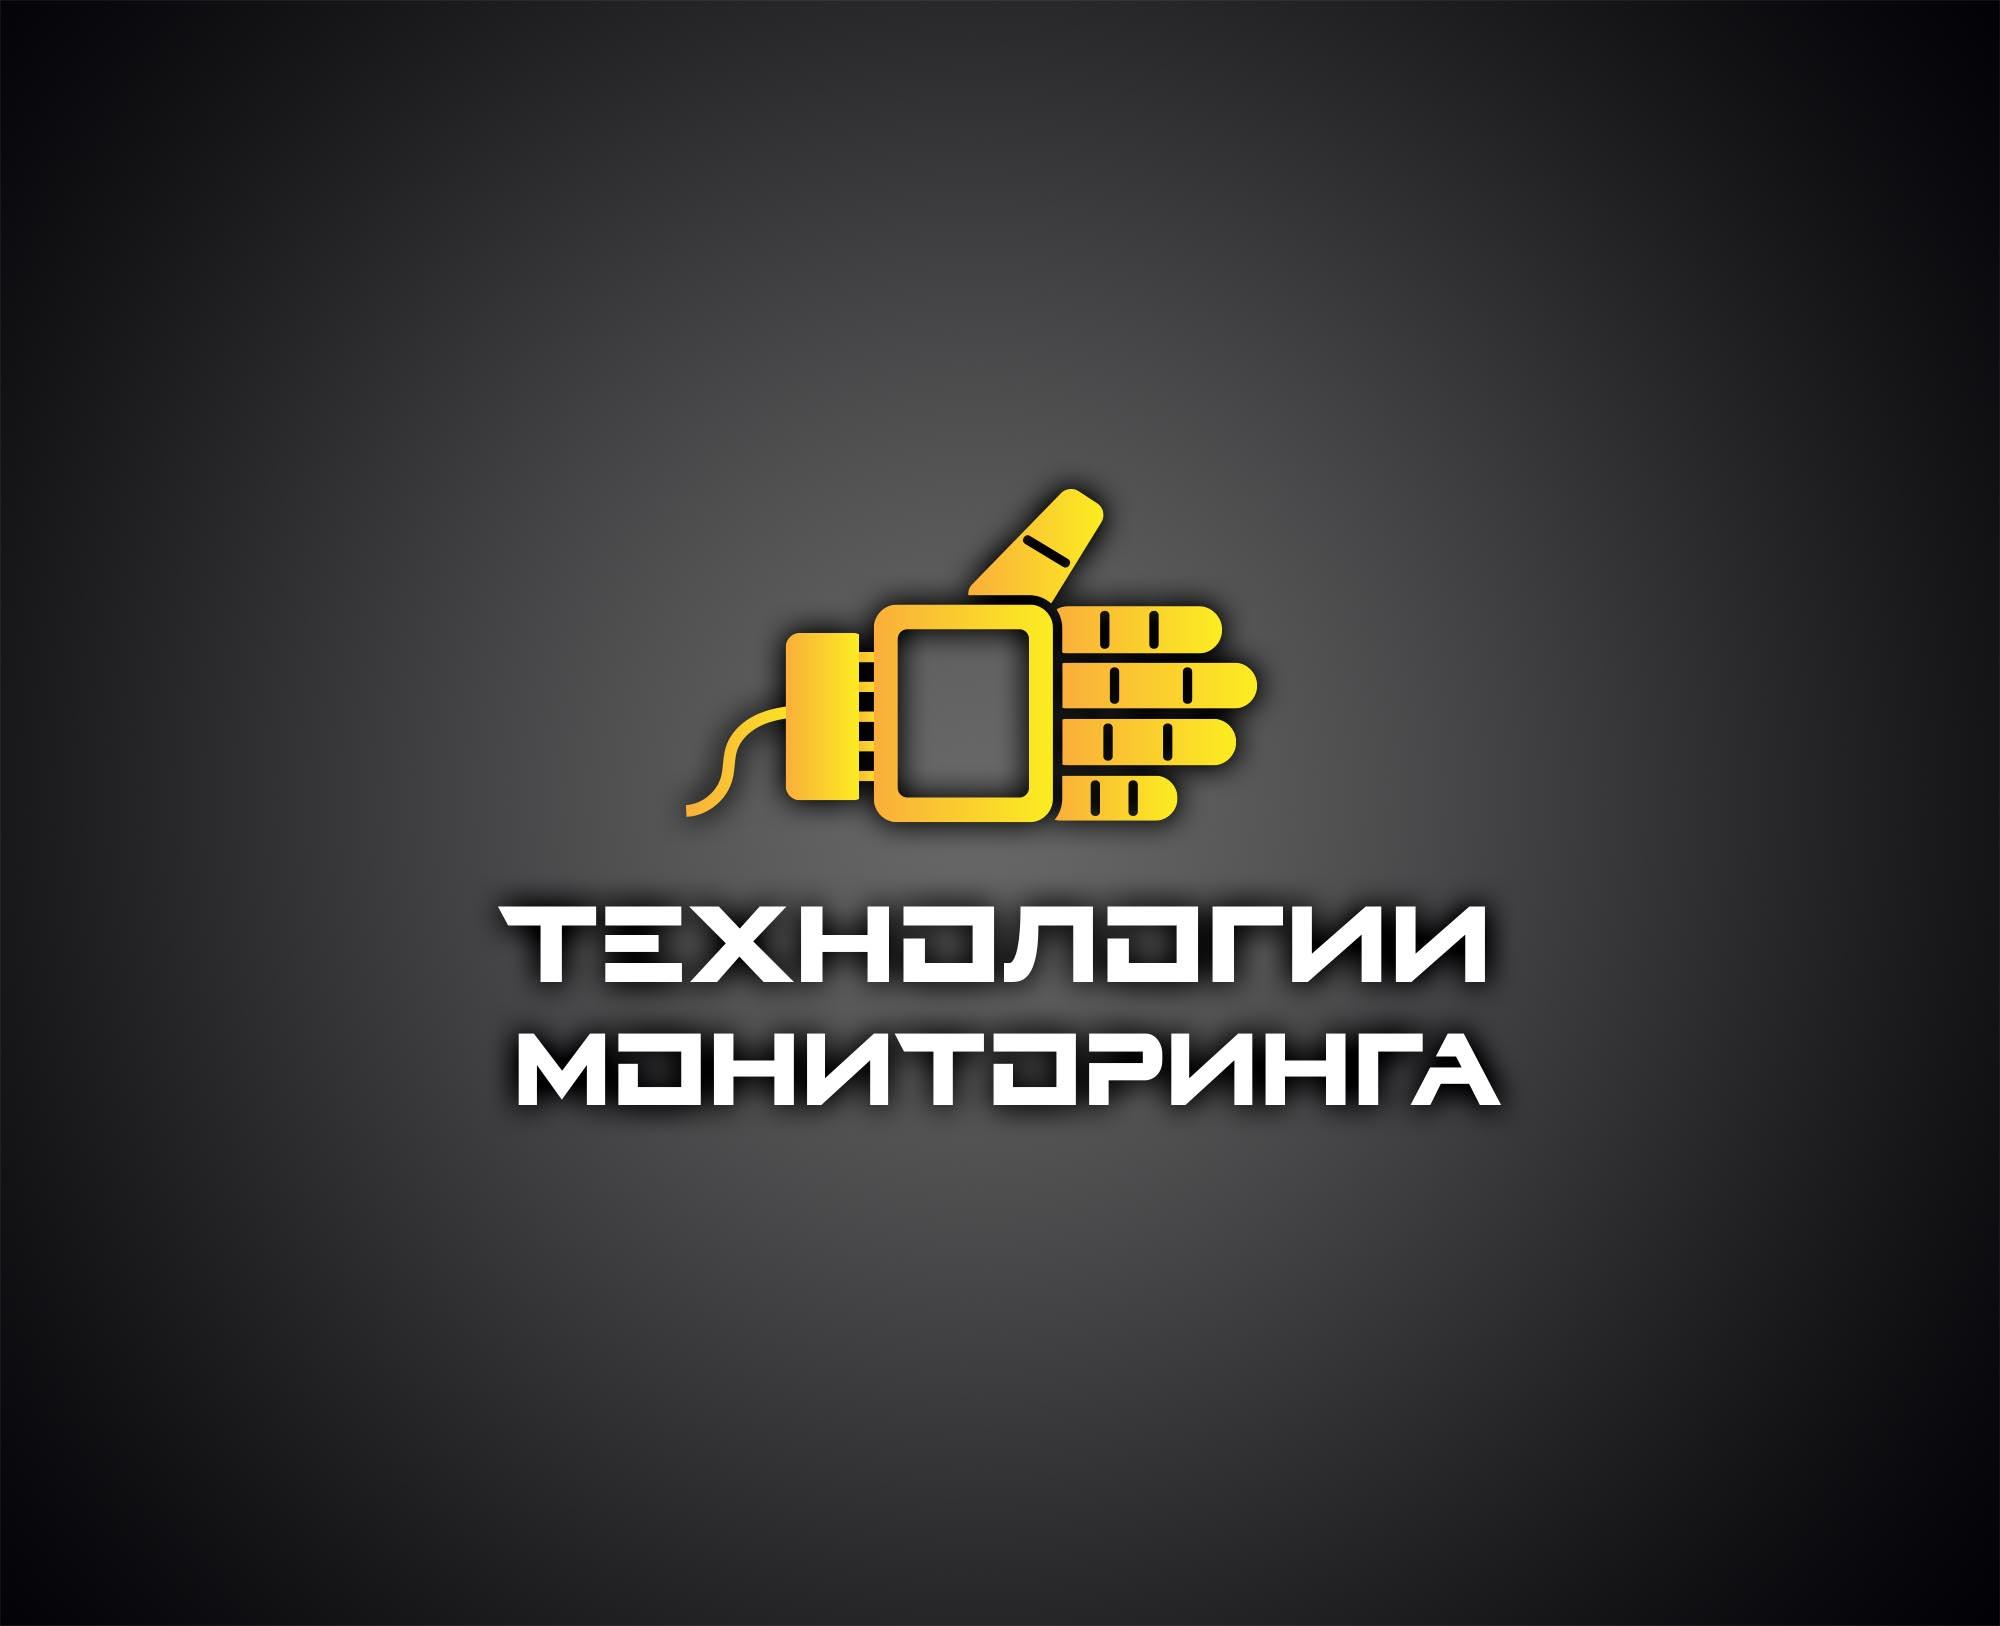 Разработка логотипа фото f_781596de59faea60.jpg